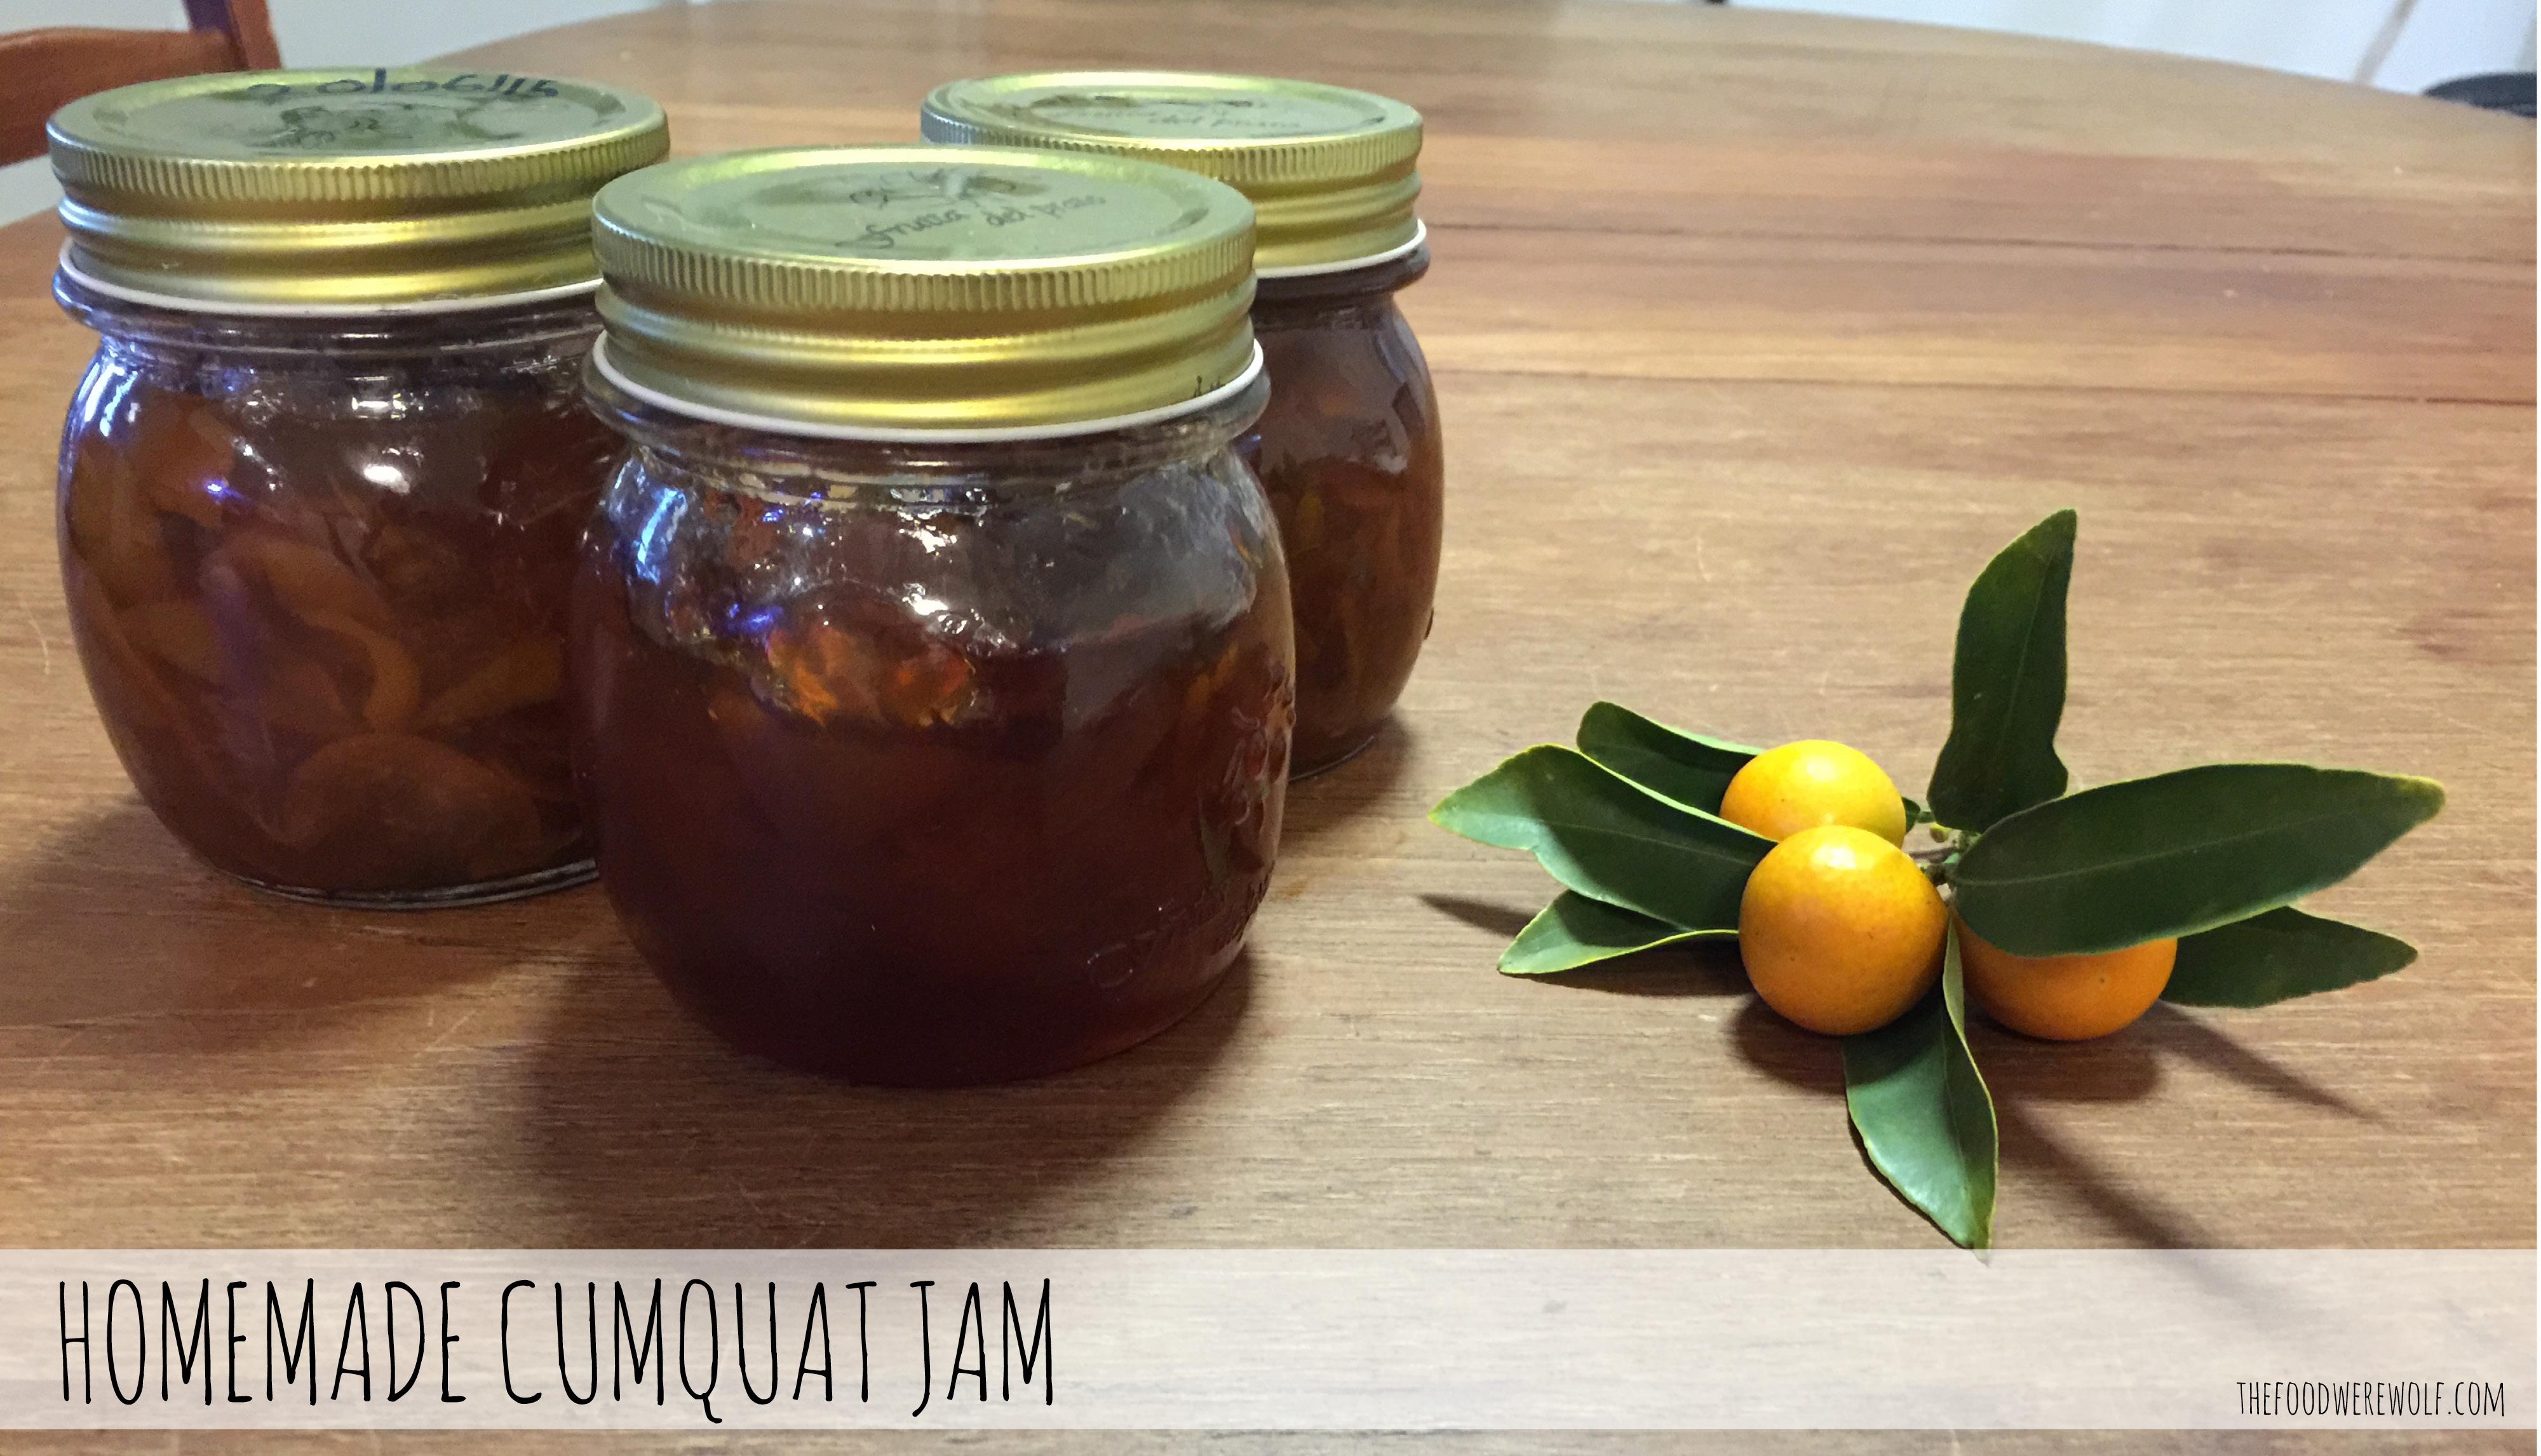 citrus recipes image 4